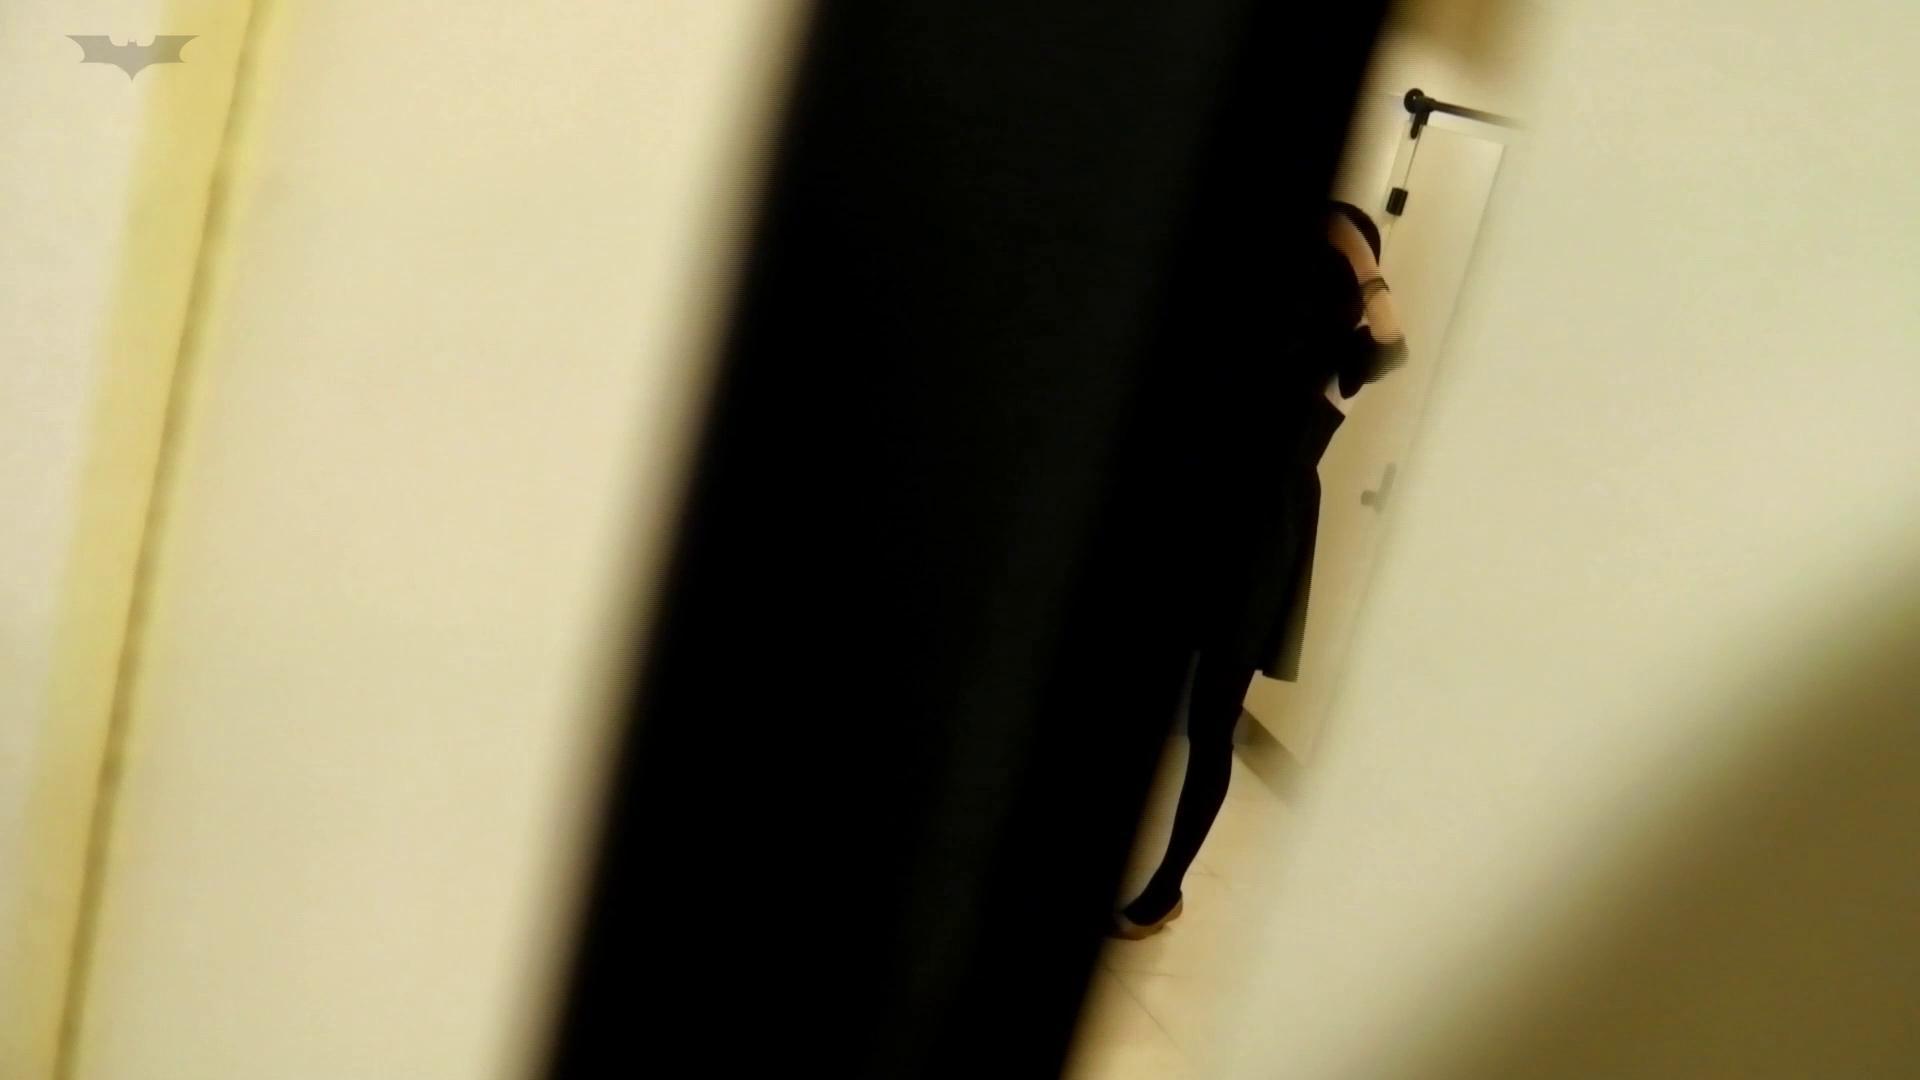 新世界の射窓 No78 トリンドル 玲奈似登場シリーズ美女率最高作! 美女 すけべAV動画紹介 112枚 95